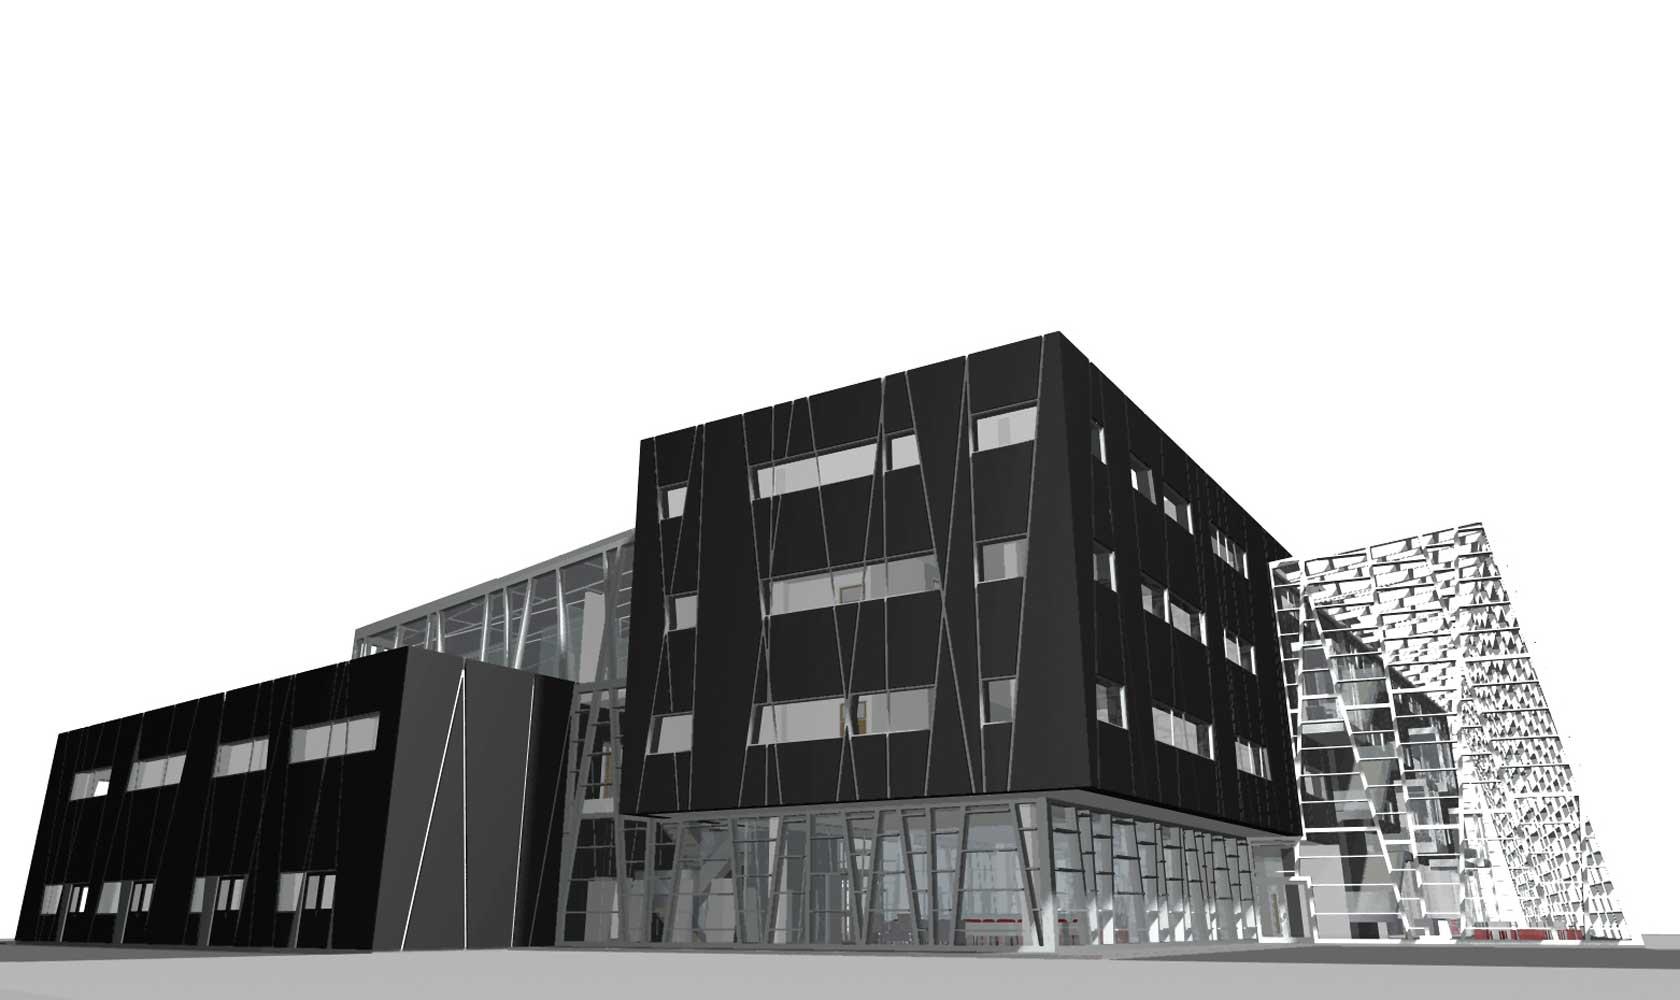 oblikovanje javne stavbe